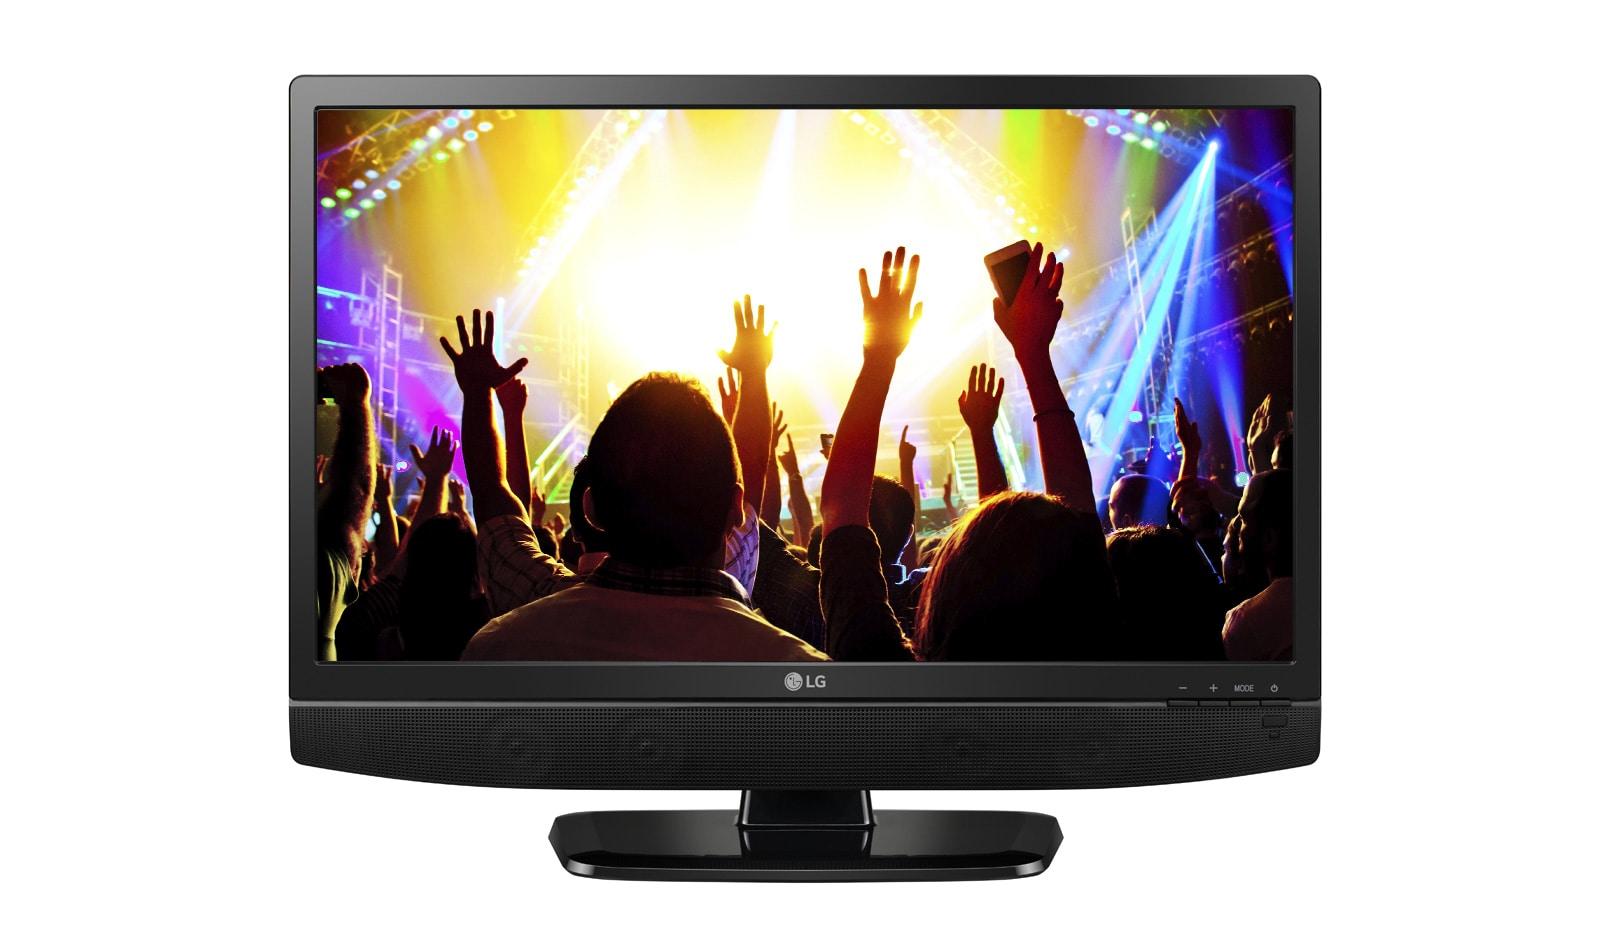 LG 24 Class HD TV Monitor (23 5 Diagonal) | LG UAE